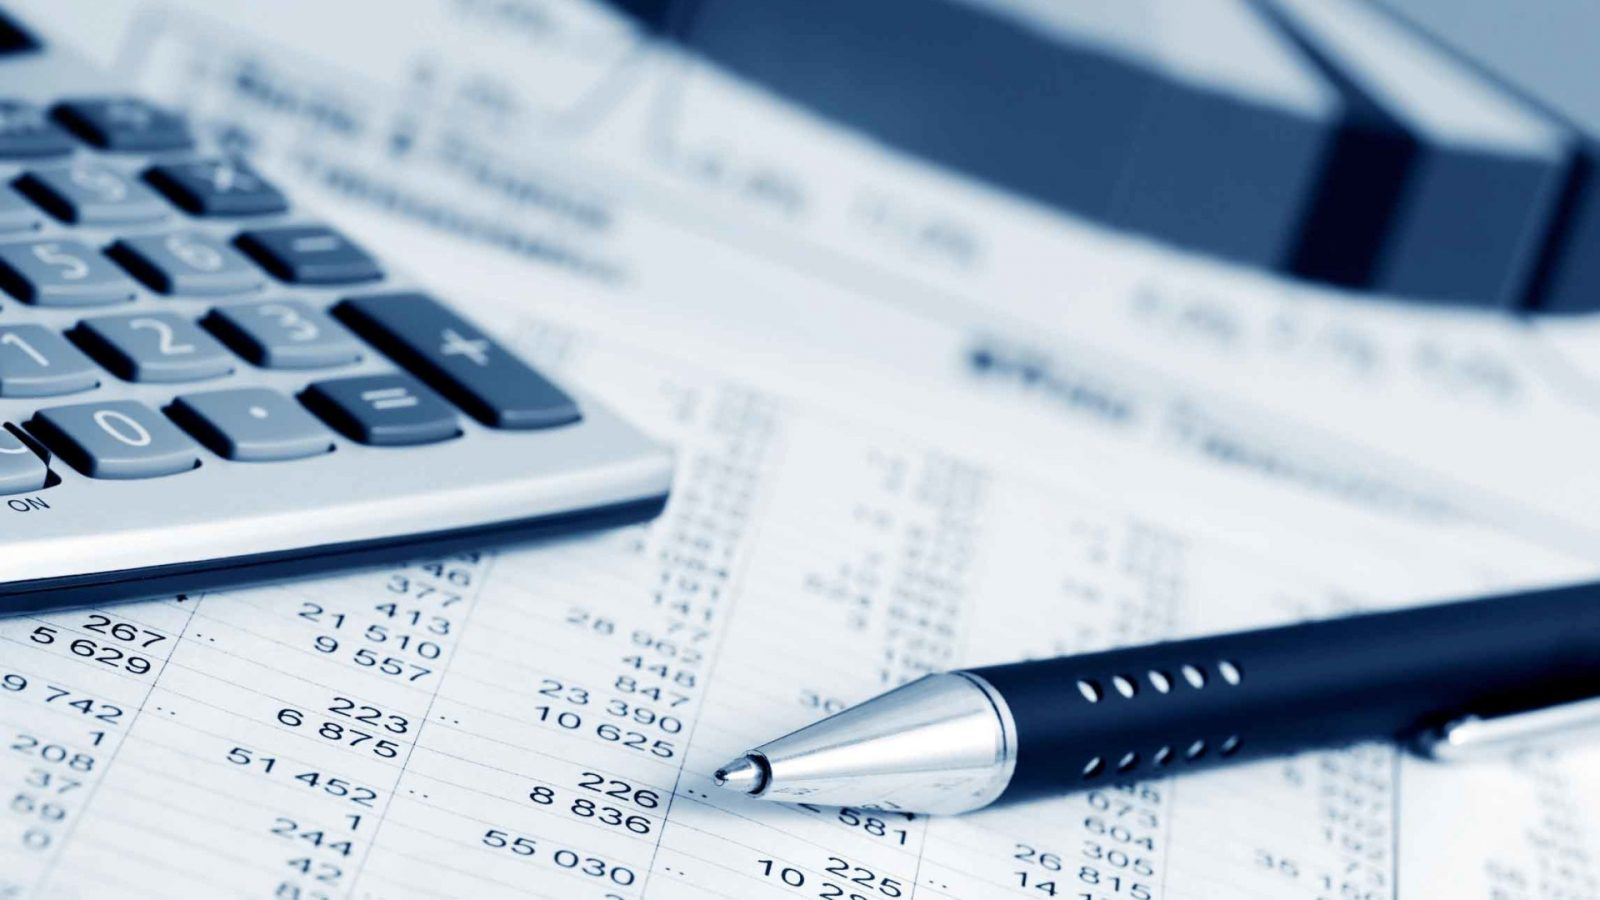 Xriba assistente pensato per le aziende che integra le criptovalute nella contabilita - Xriba è l'assistente pensato per le aziende che integra le criptovalute nella contabilità